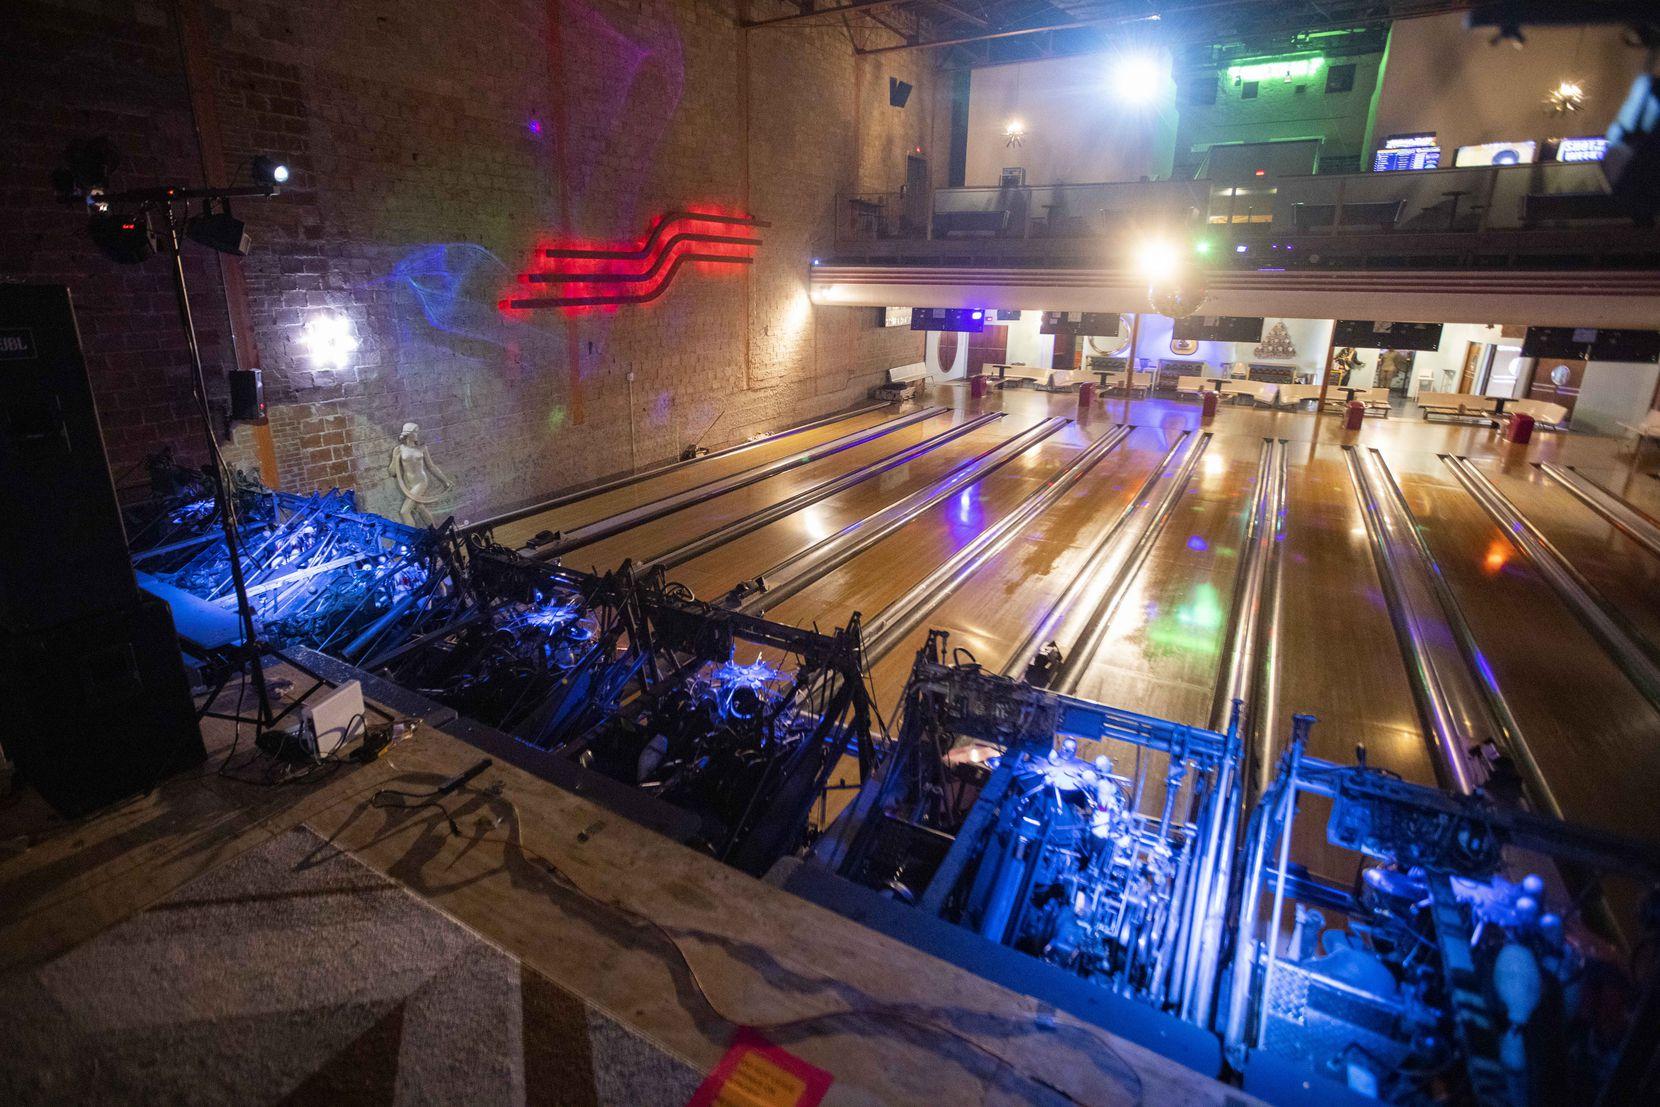 Una vista de las pistas de bolos desde el escenario frente a ellas muestra la configuración en Bowlski's.